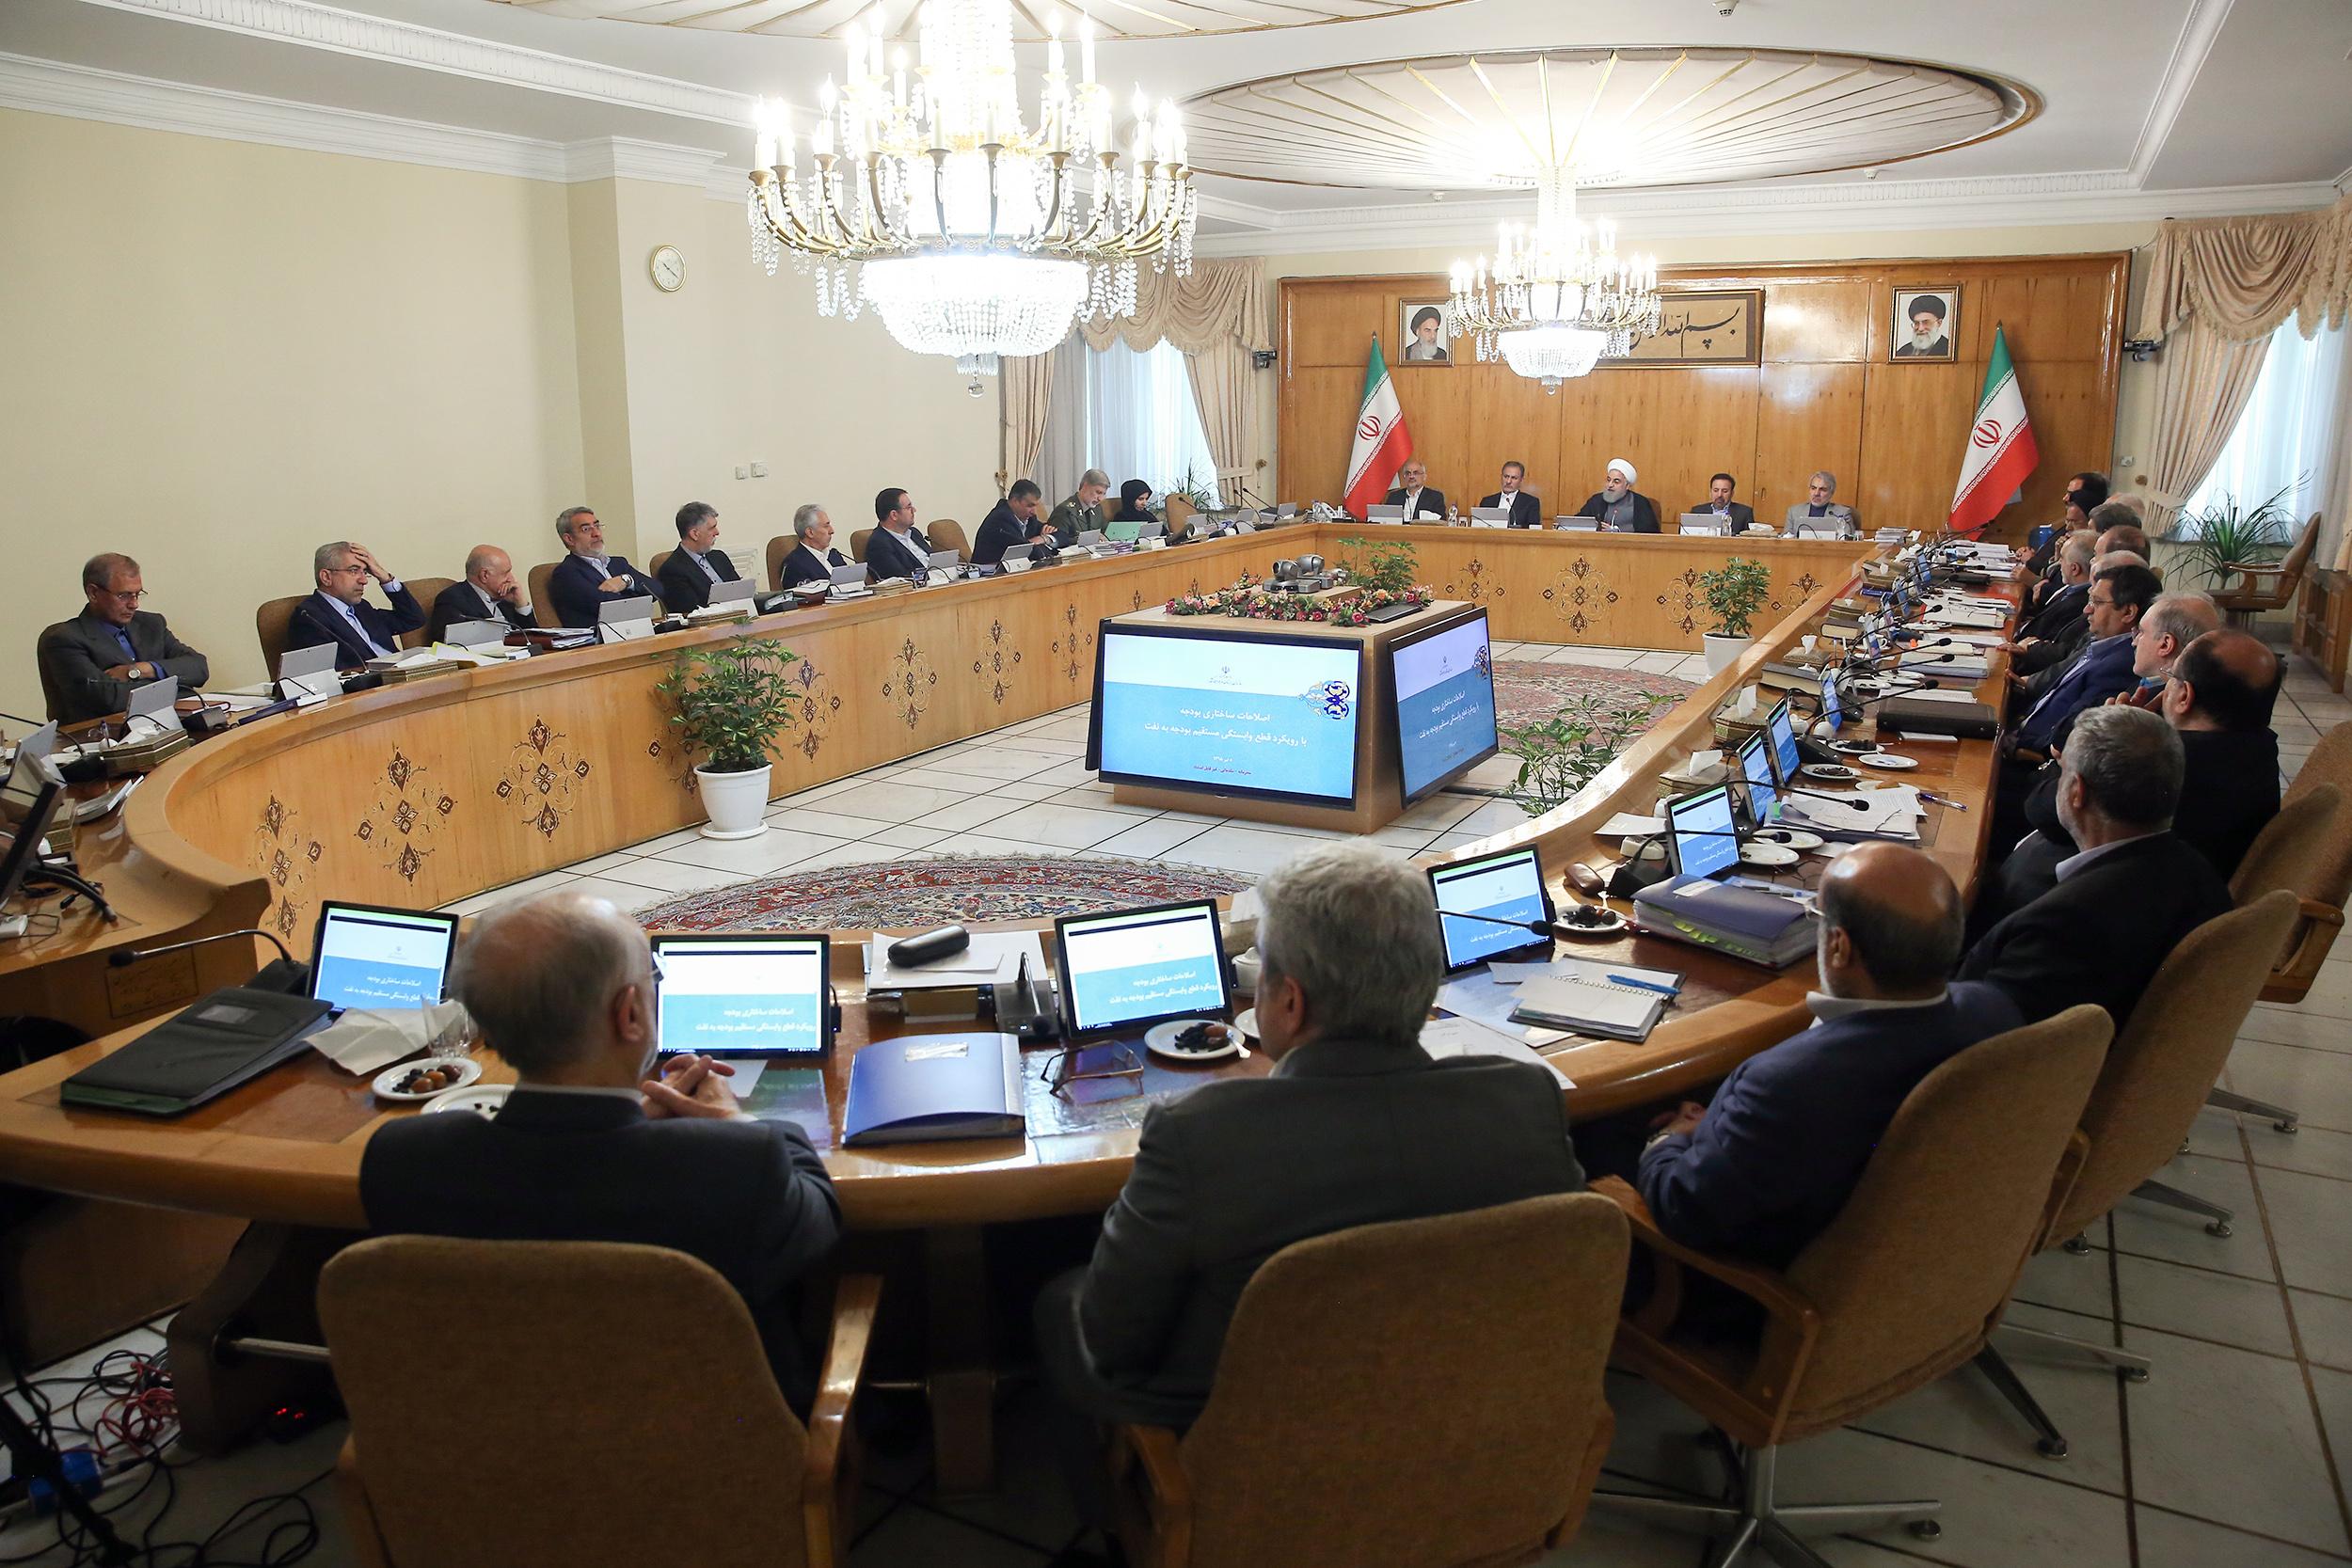 میزان پاداش پایان سال ۱۳۹۸ کارکنان دولت، تعیین شد